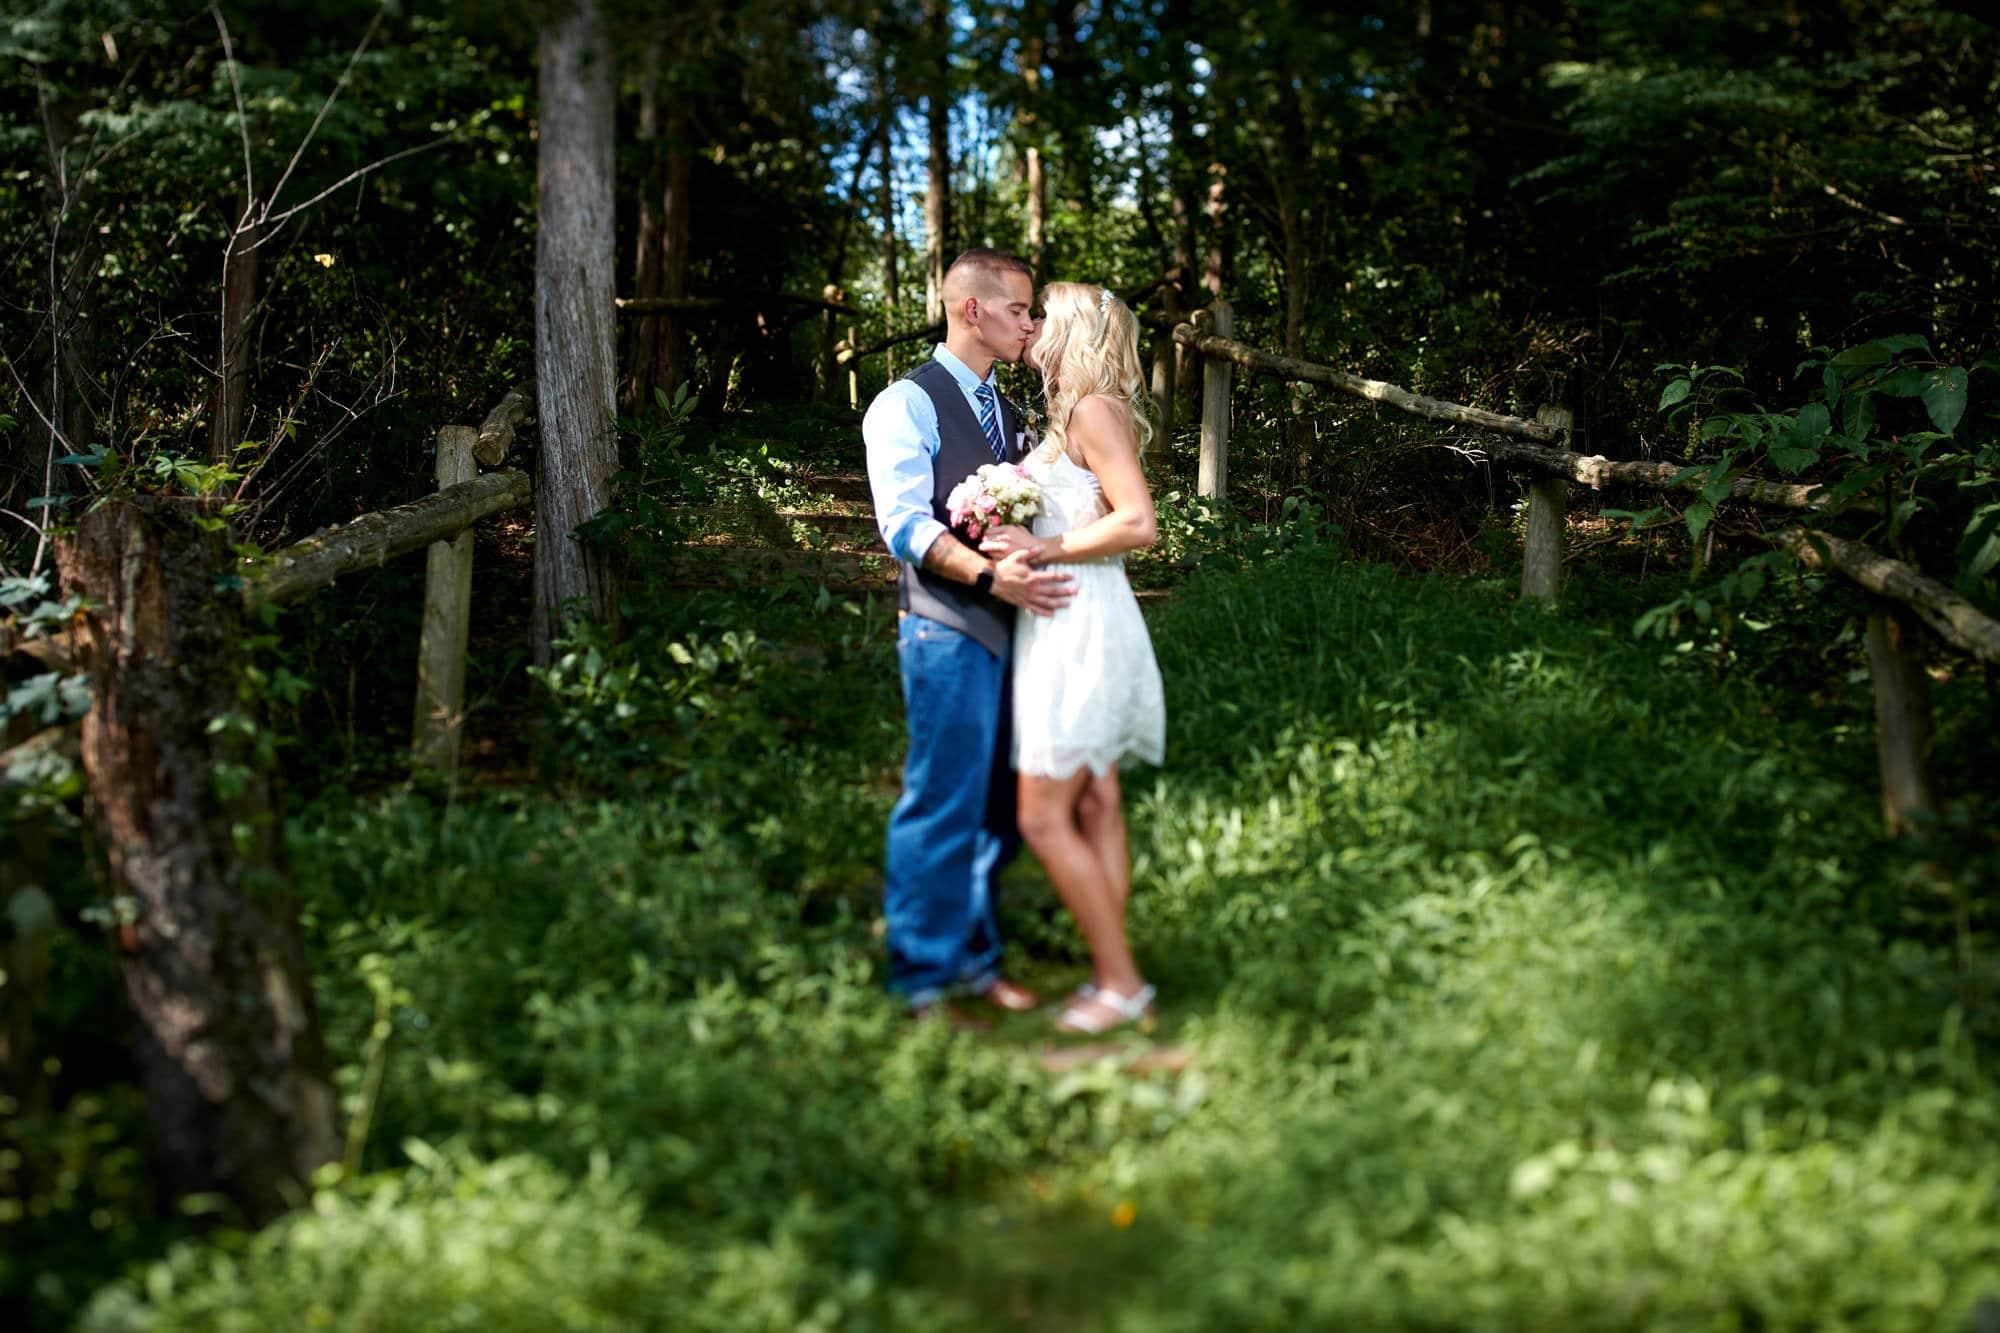 elopement photo in flemington nj